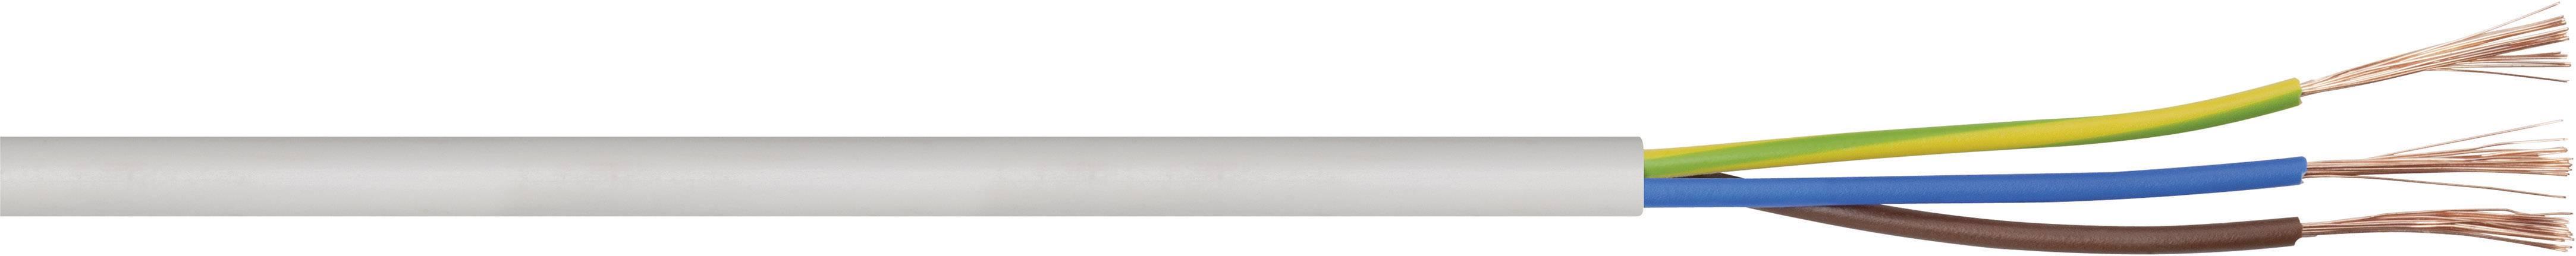 Vícežílový kabel LappKabel H03VV-F, 1601204, 3 G 0.75 mm², černá, metrové zboží